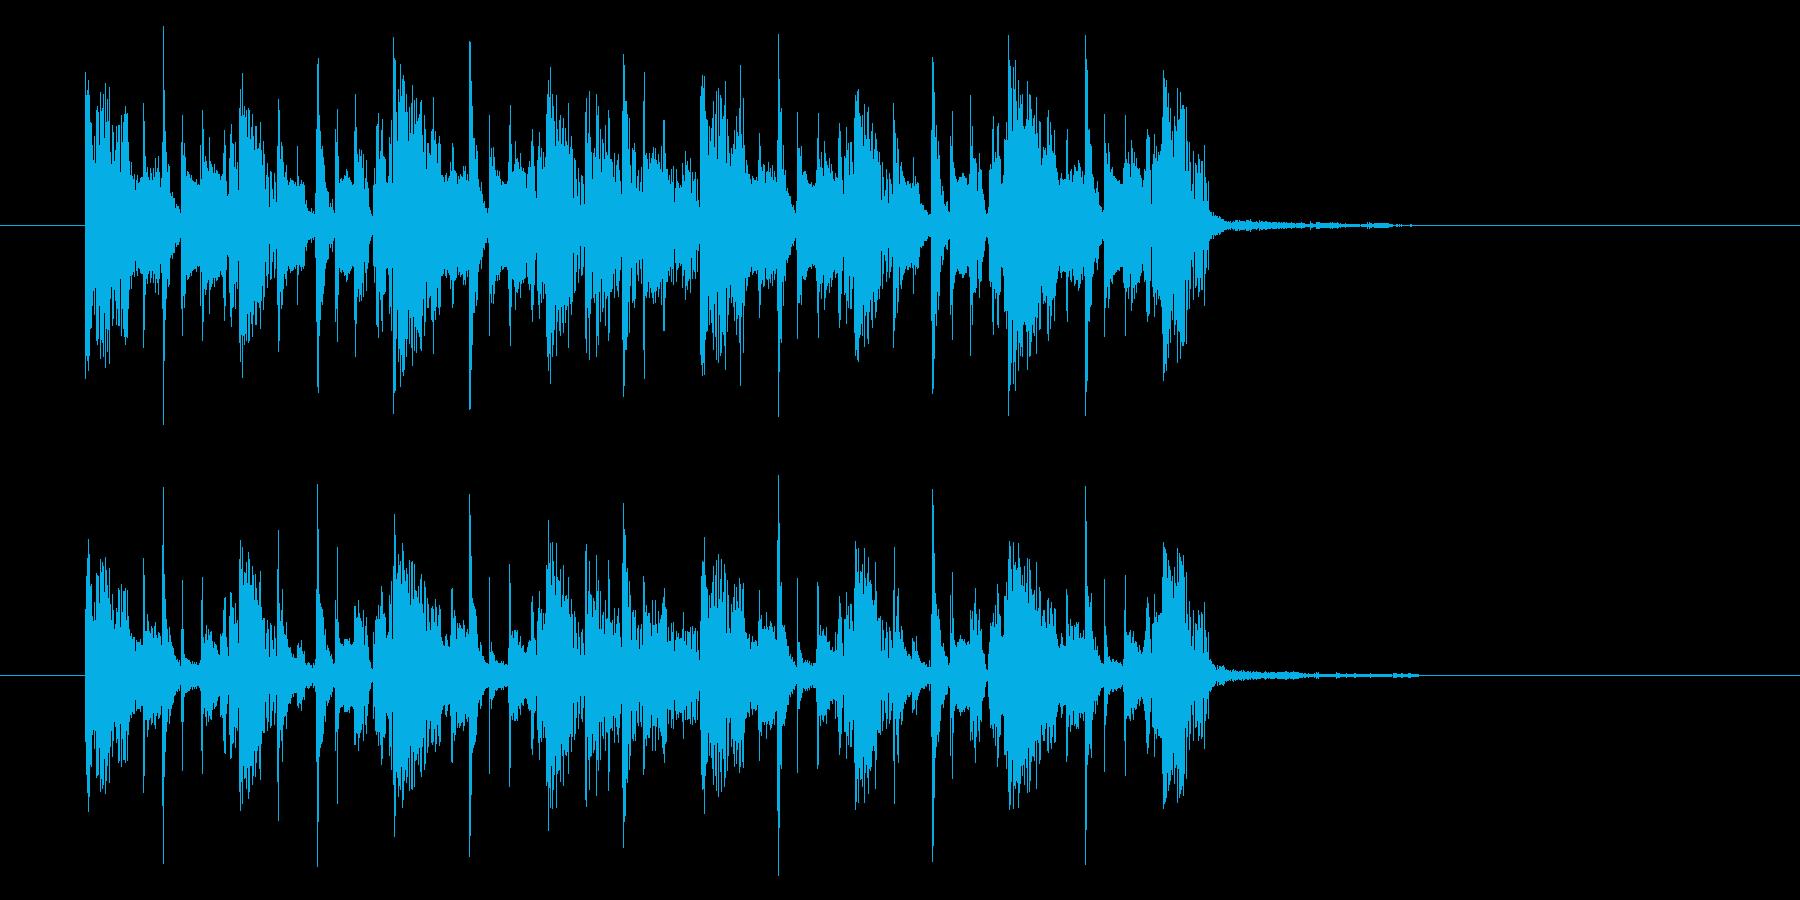 シンプルでテクニカルなシンセジングルの再生済みの波形